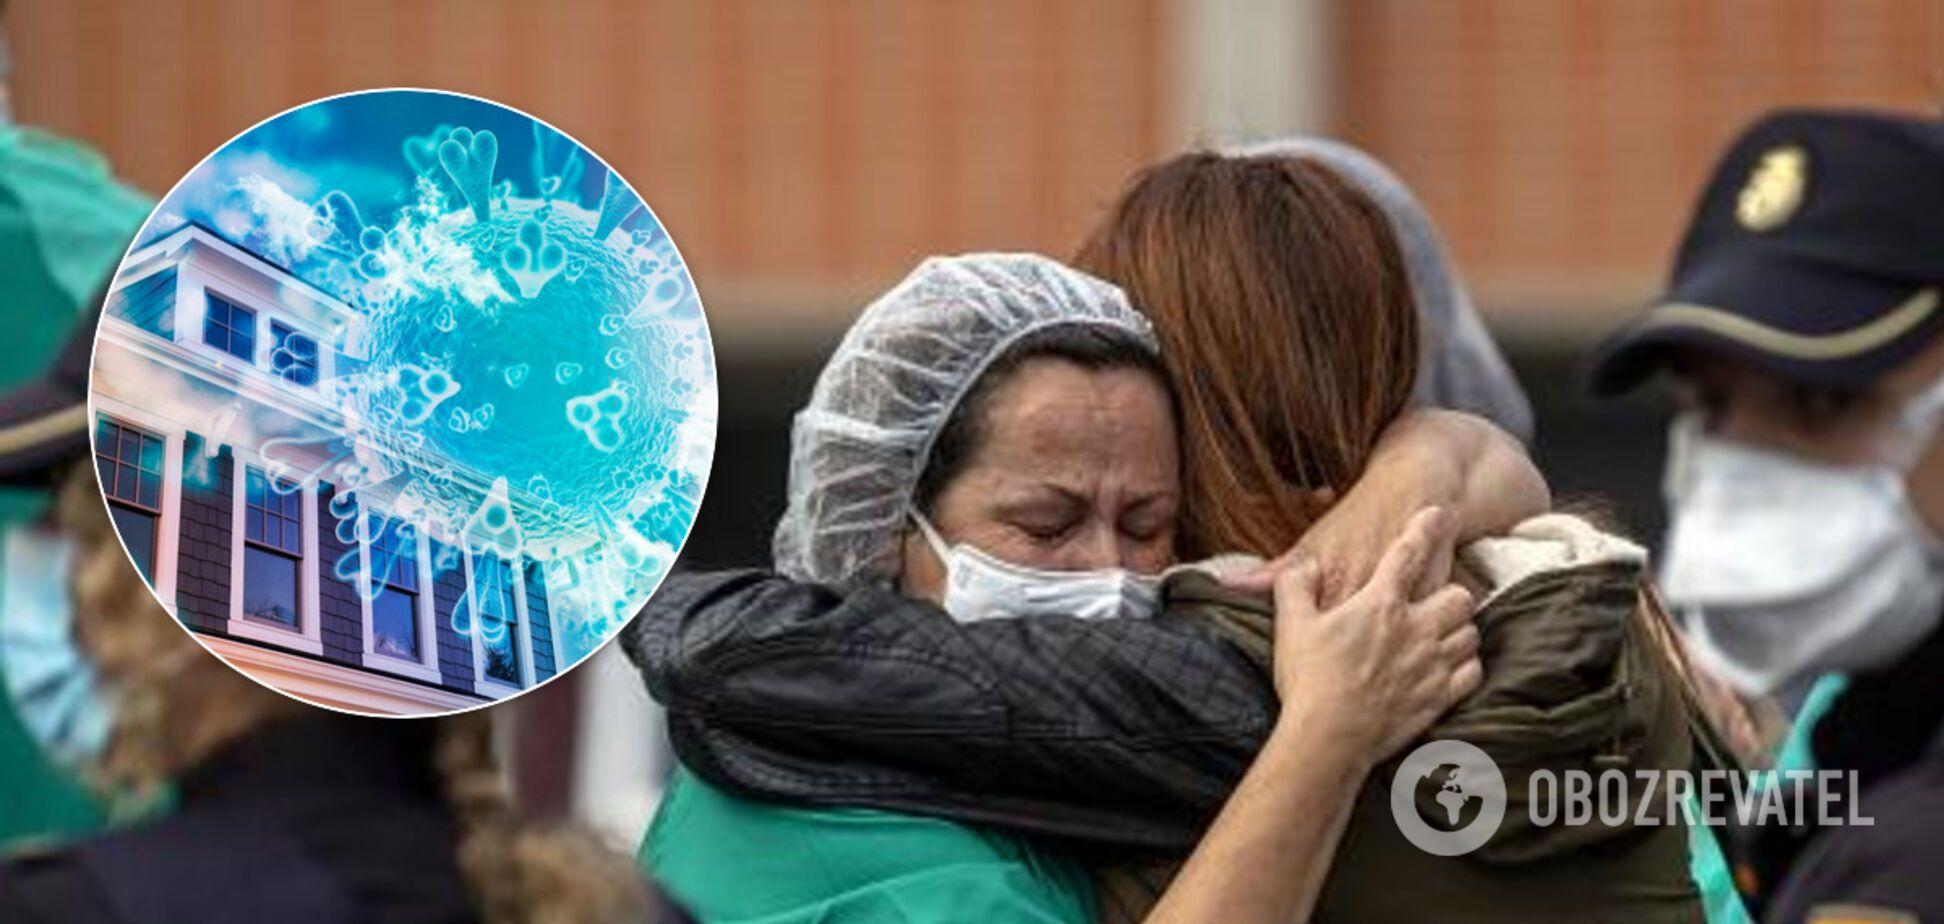 В Италии рекордно упала смертность от COVID-19, США – лидер по числу больных: статистика по коронавирусу на 17 мая. Обновляется